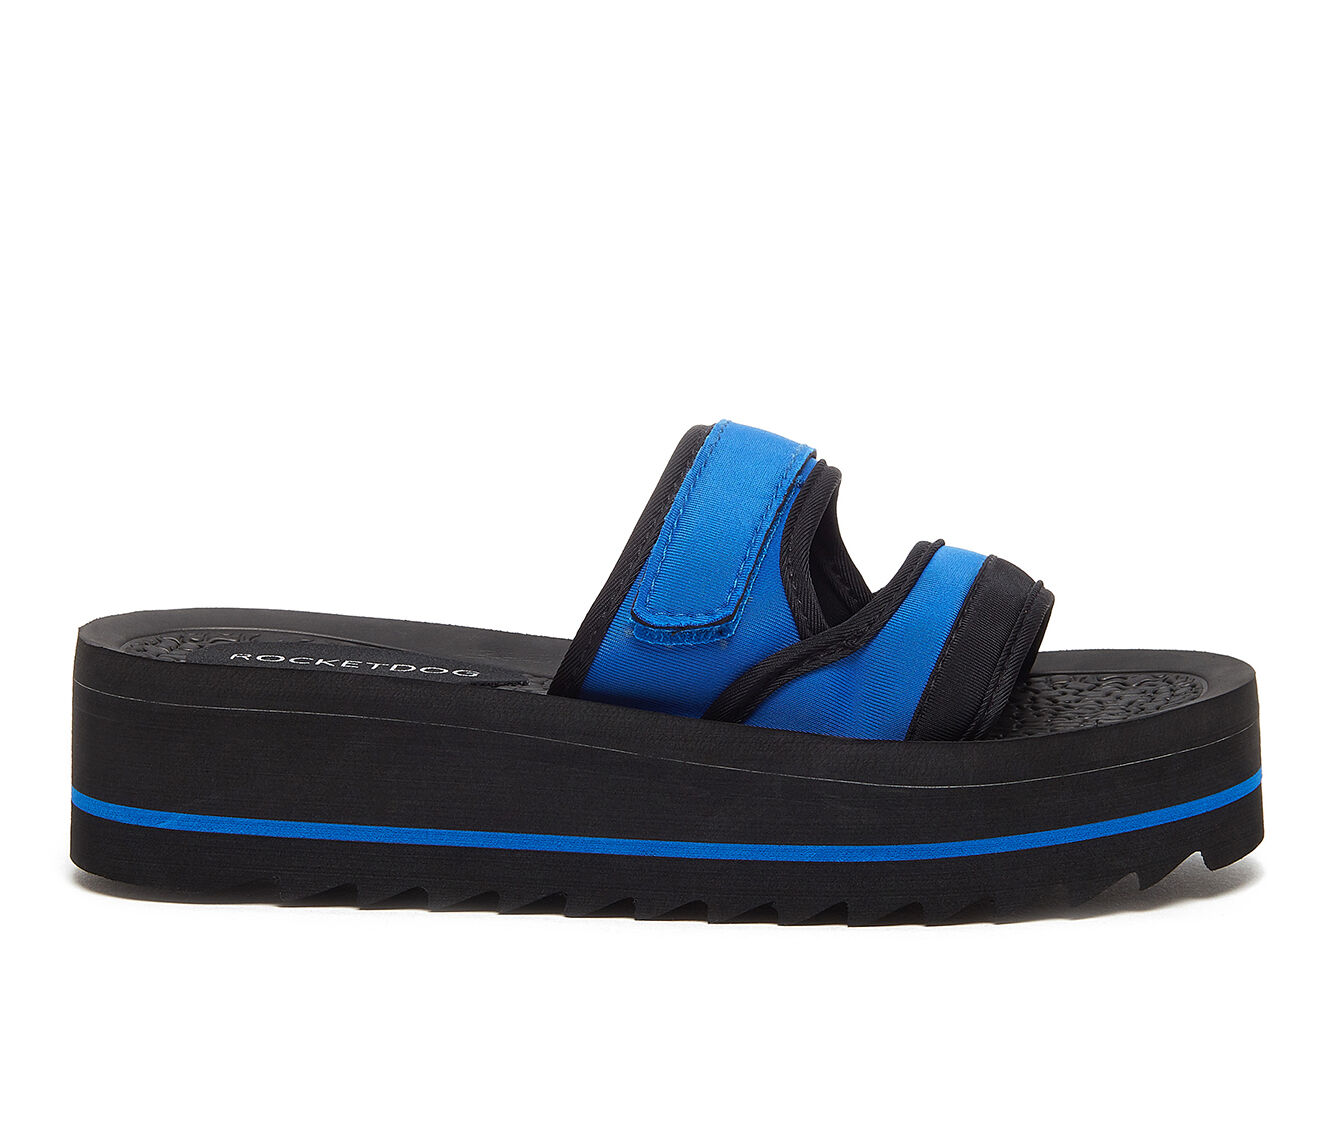 Women's Rocket Dog Manto Flatform Sandals Blue/Black